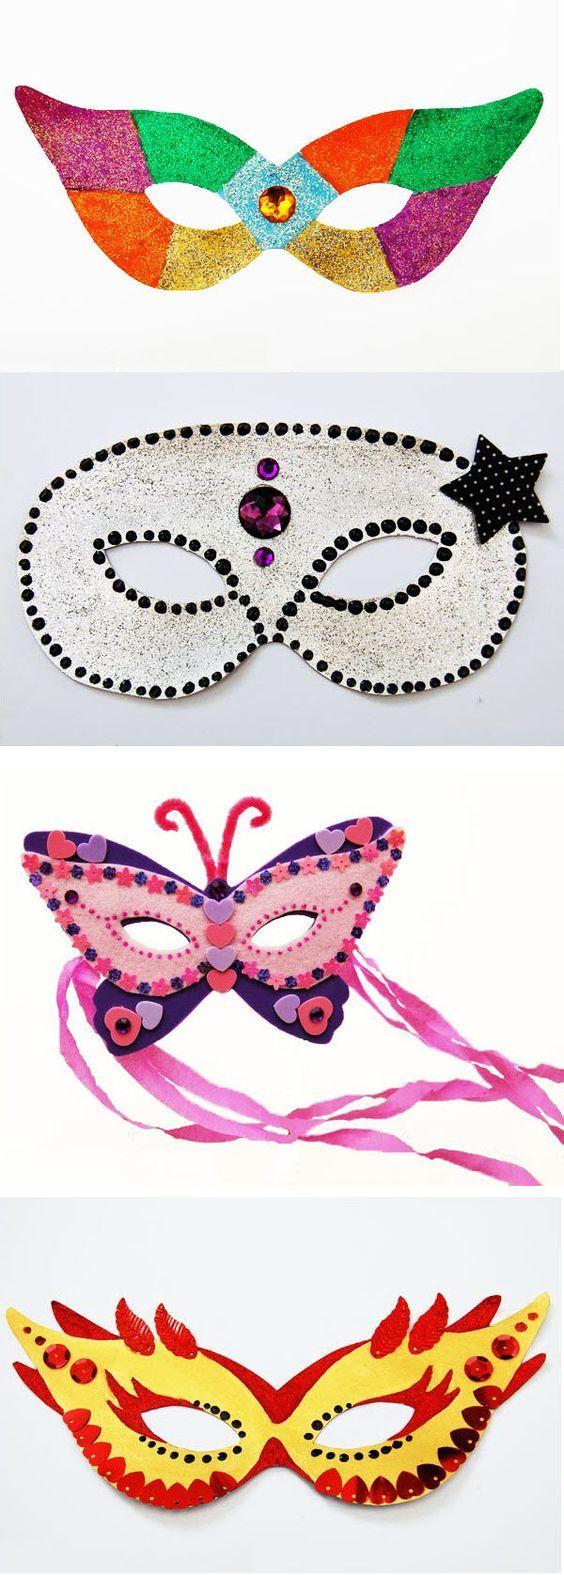 masques carnaval faire soi meme patron a imprimer free imprintable: